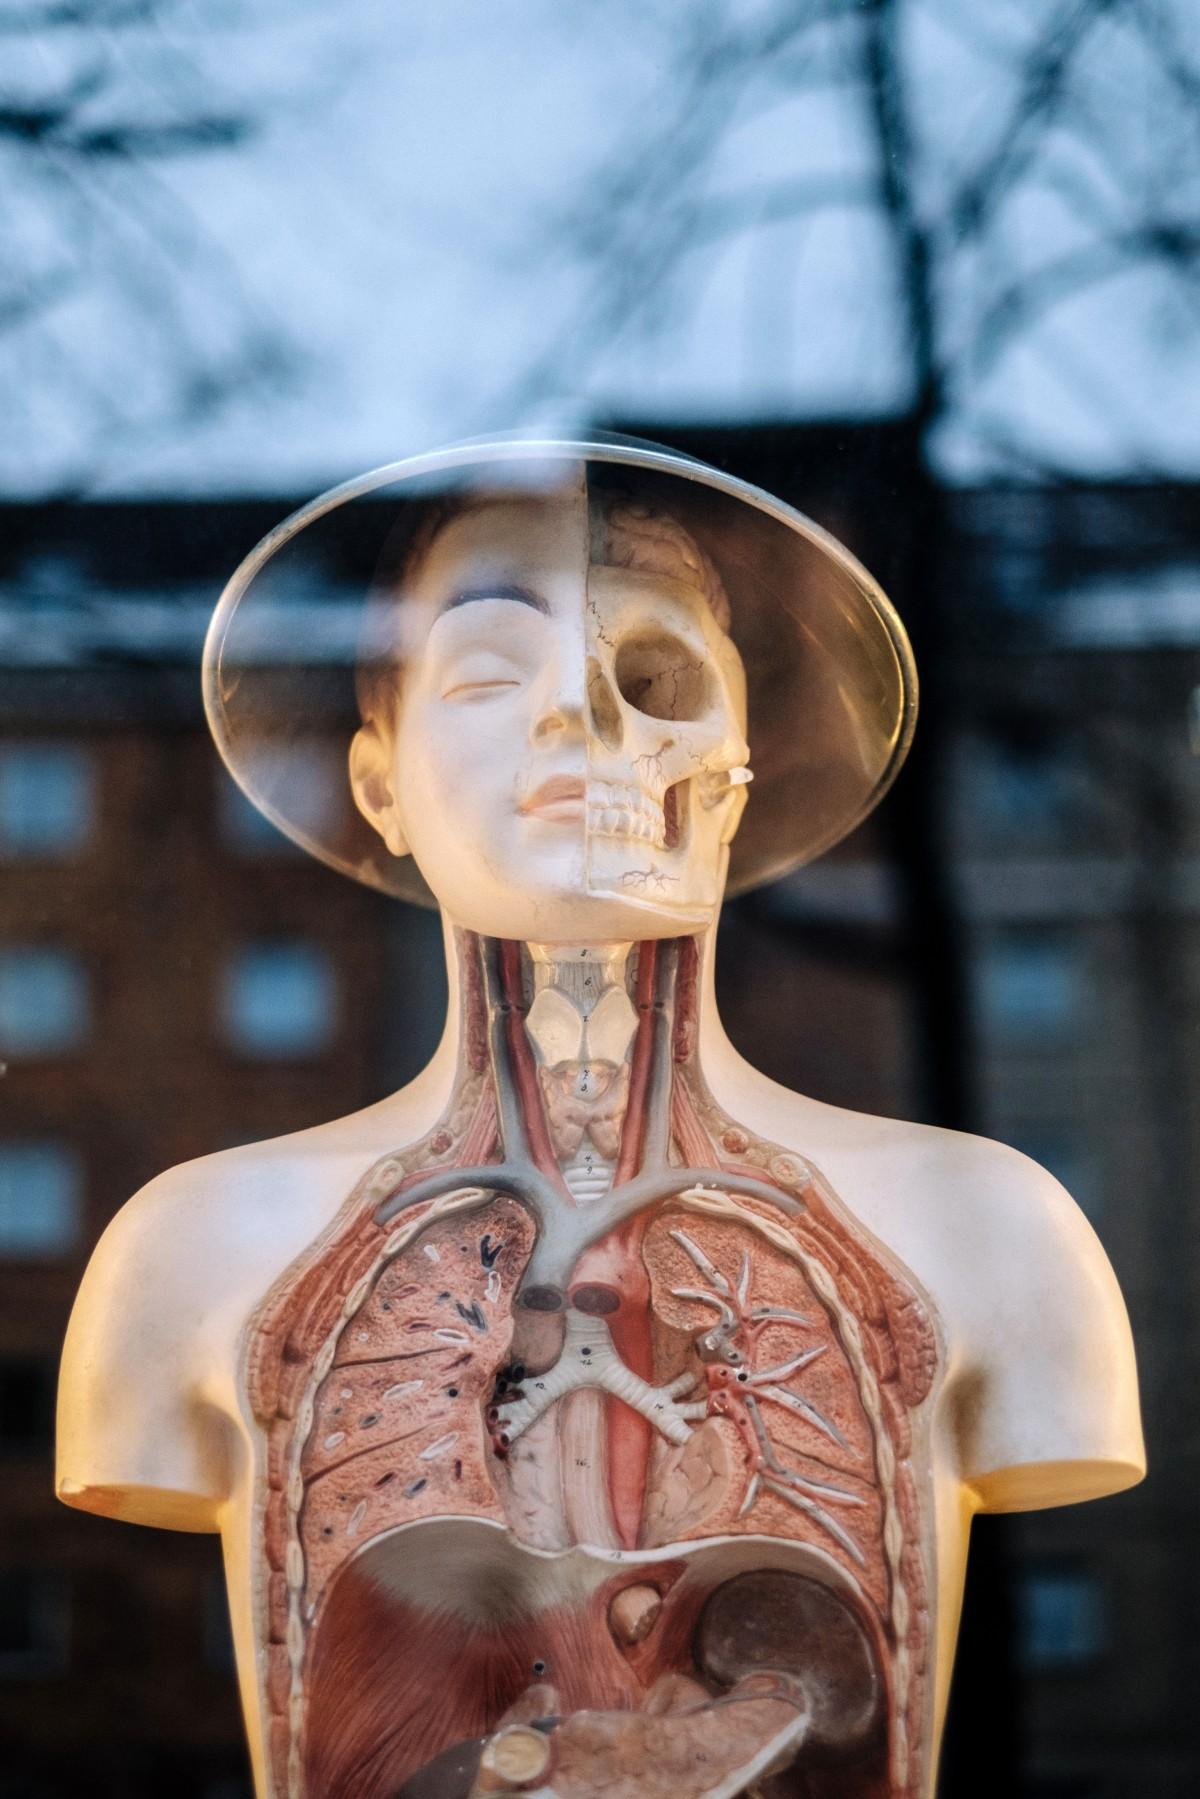 Fotos gratis : Monumento, estatua, pulmón, cuerpo humano, anatomía ...